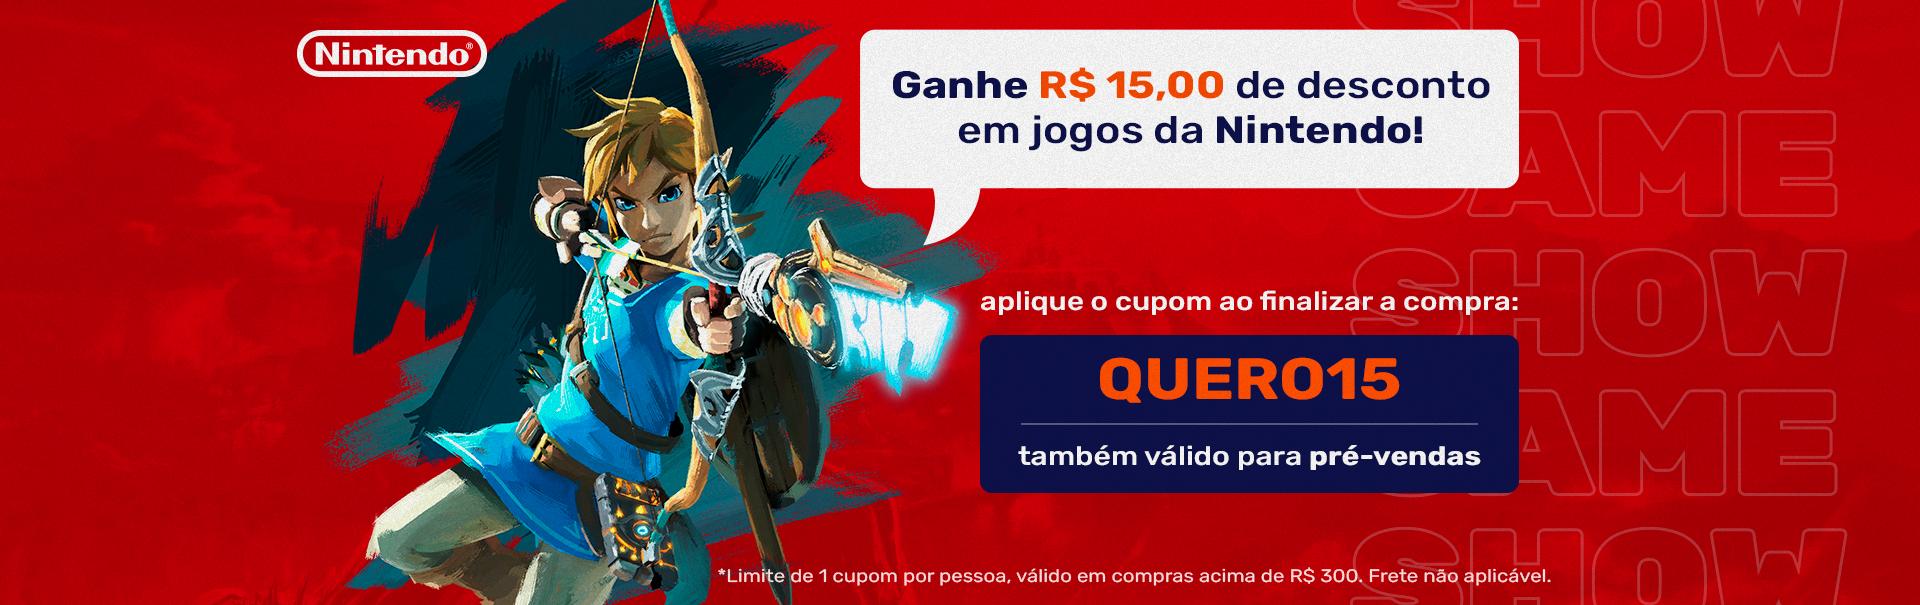 Cupom Nintendo